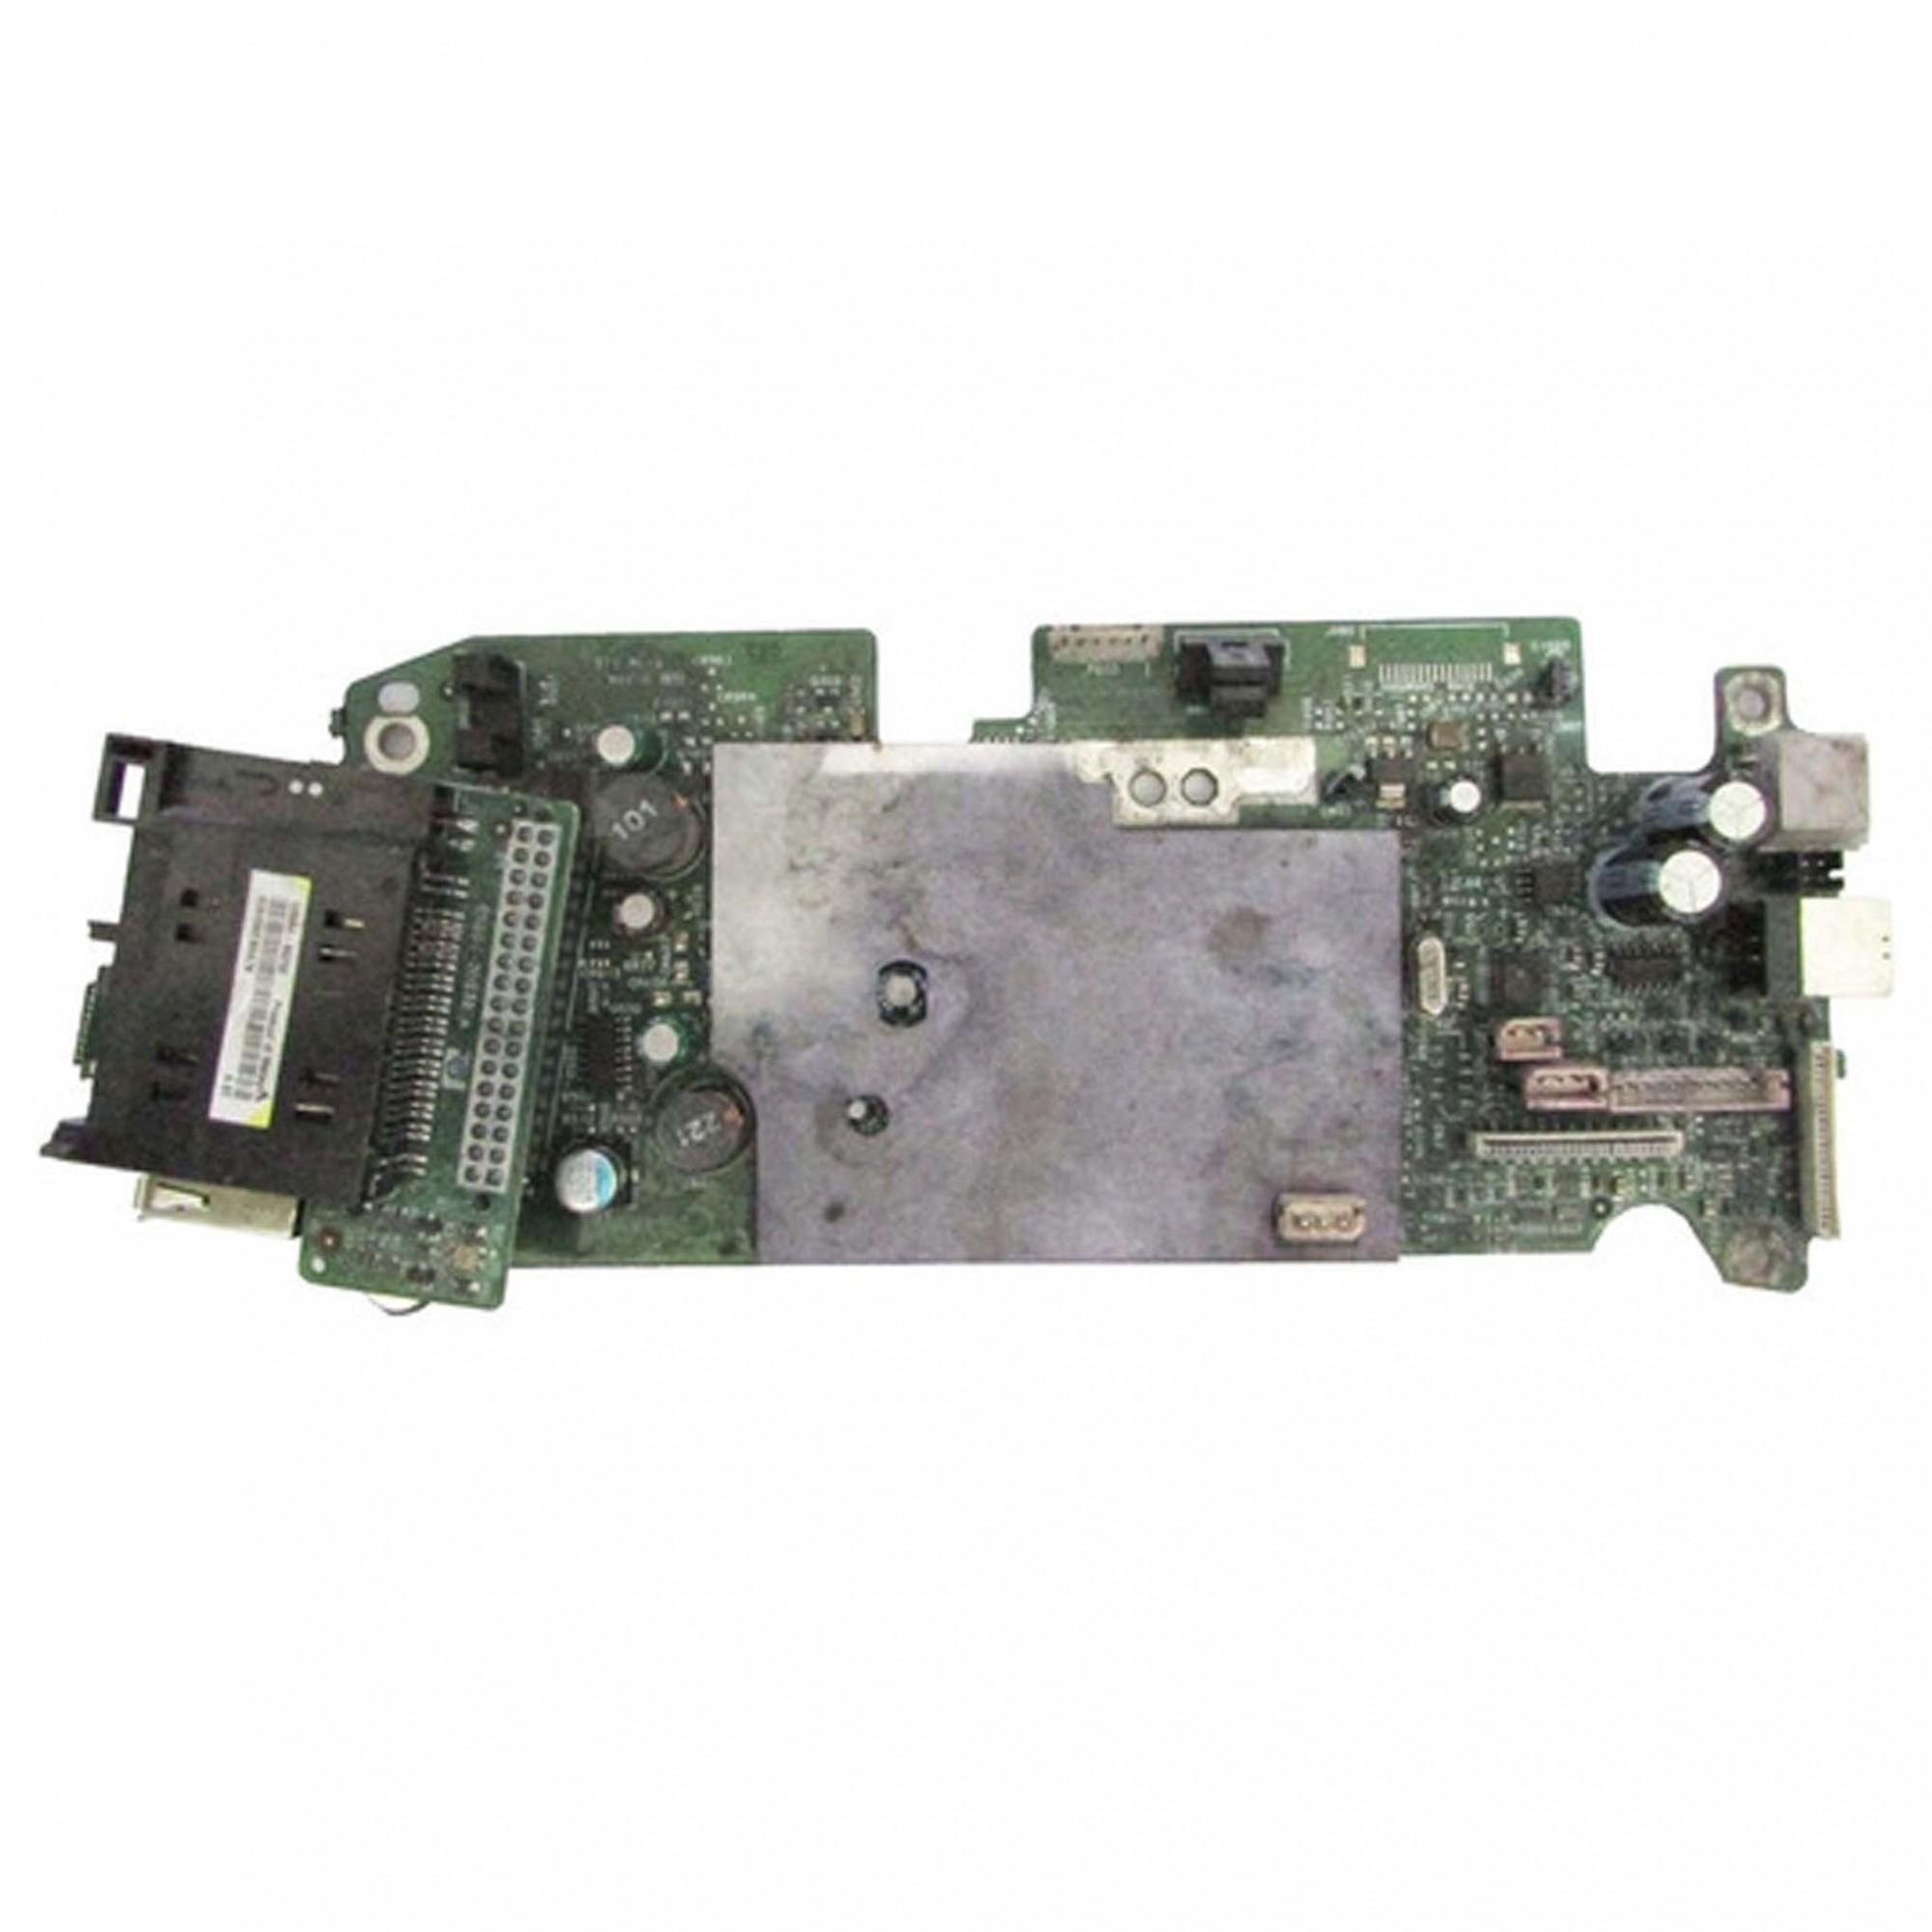 Placa Lógica Impressora Hp Psc 1610 PN:Q5584-60234 - Retirado